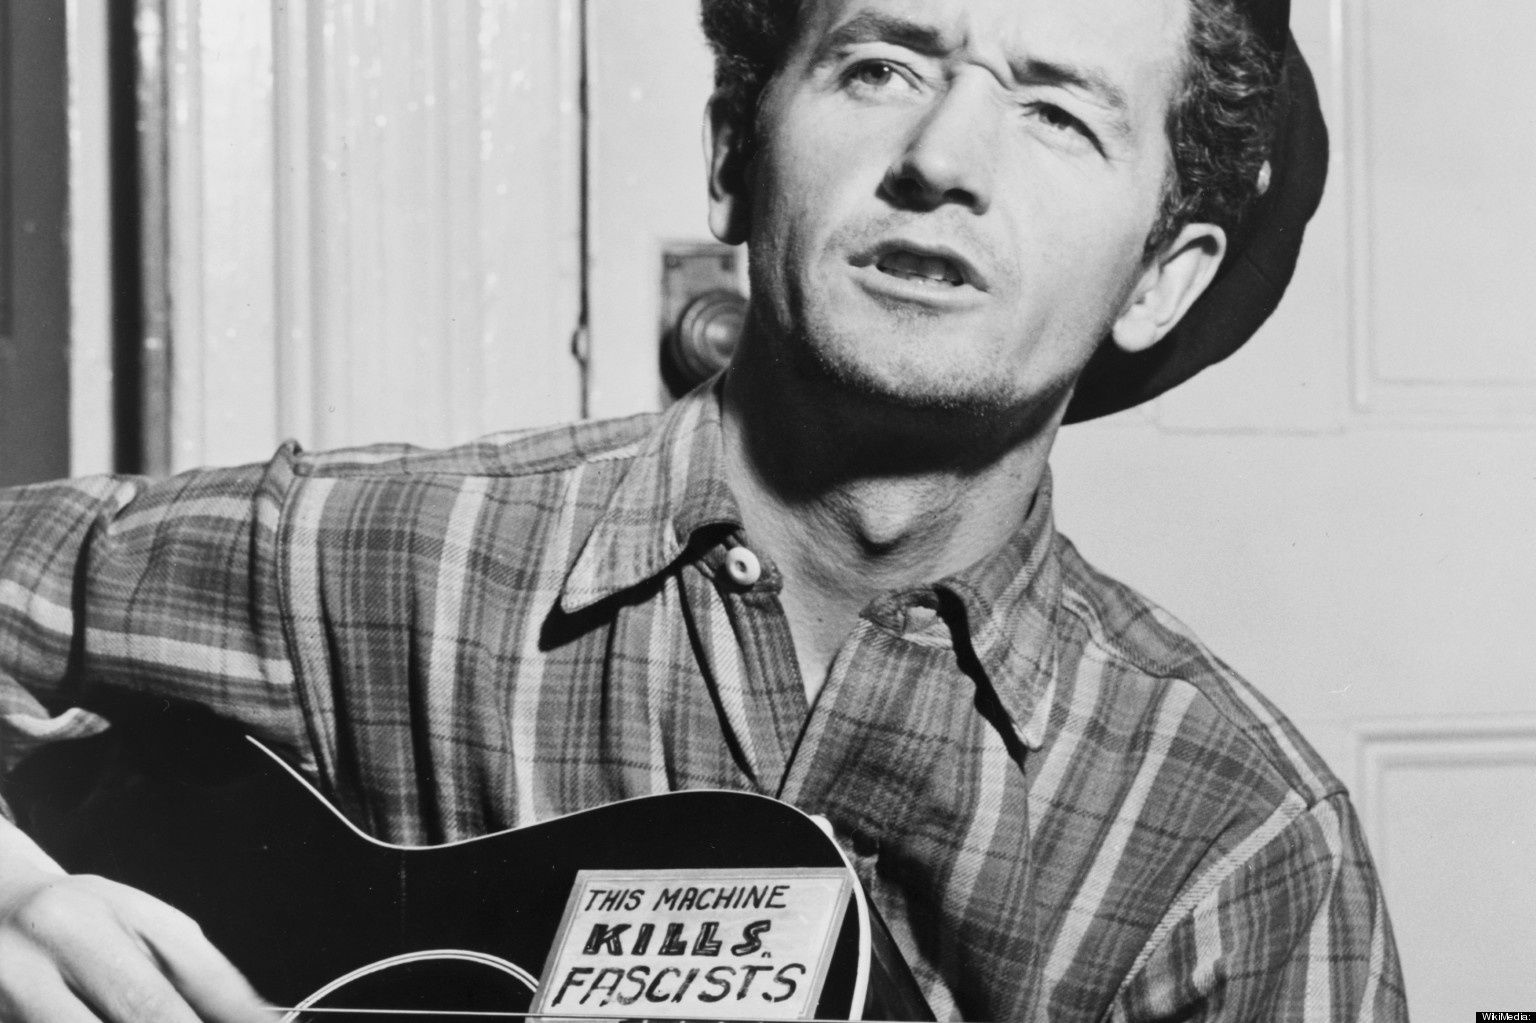 une lucidité sociale incarnée par Woody Guthrie